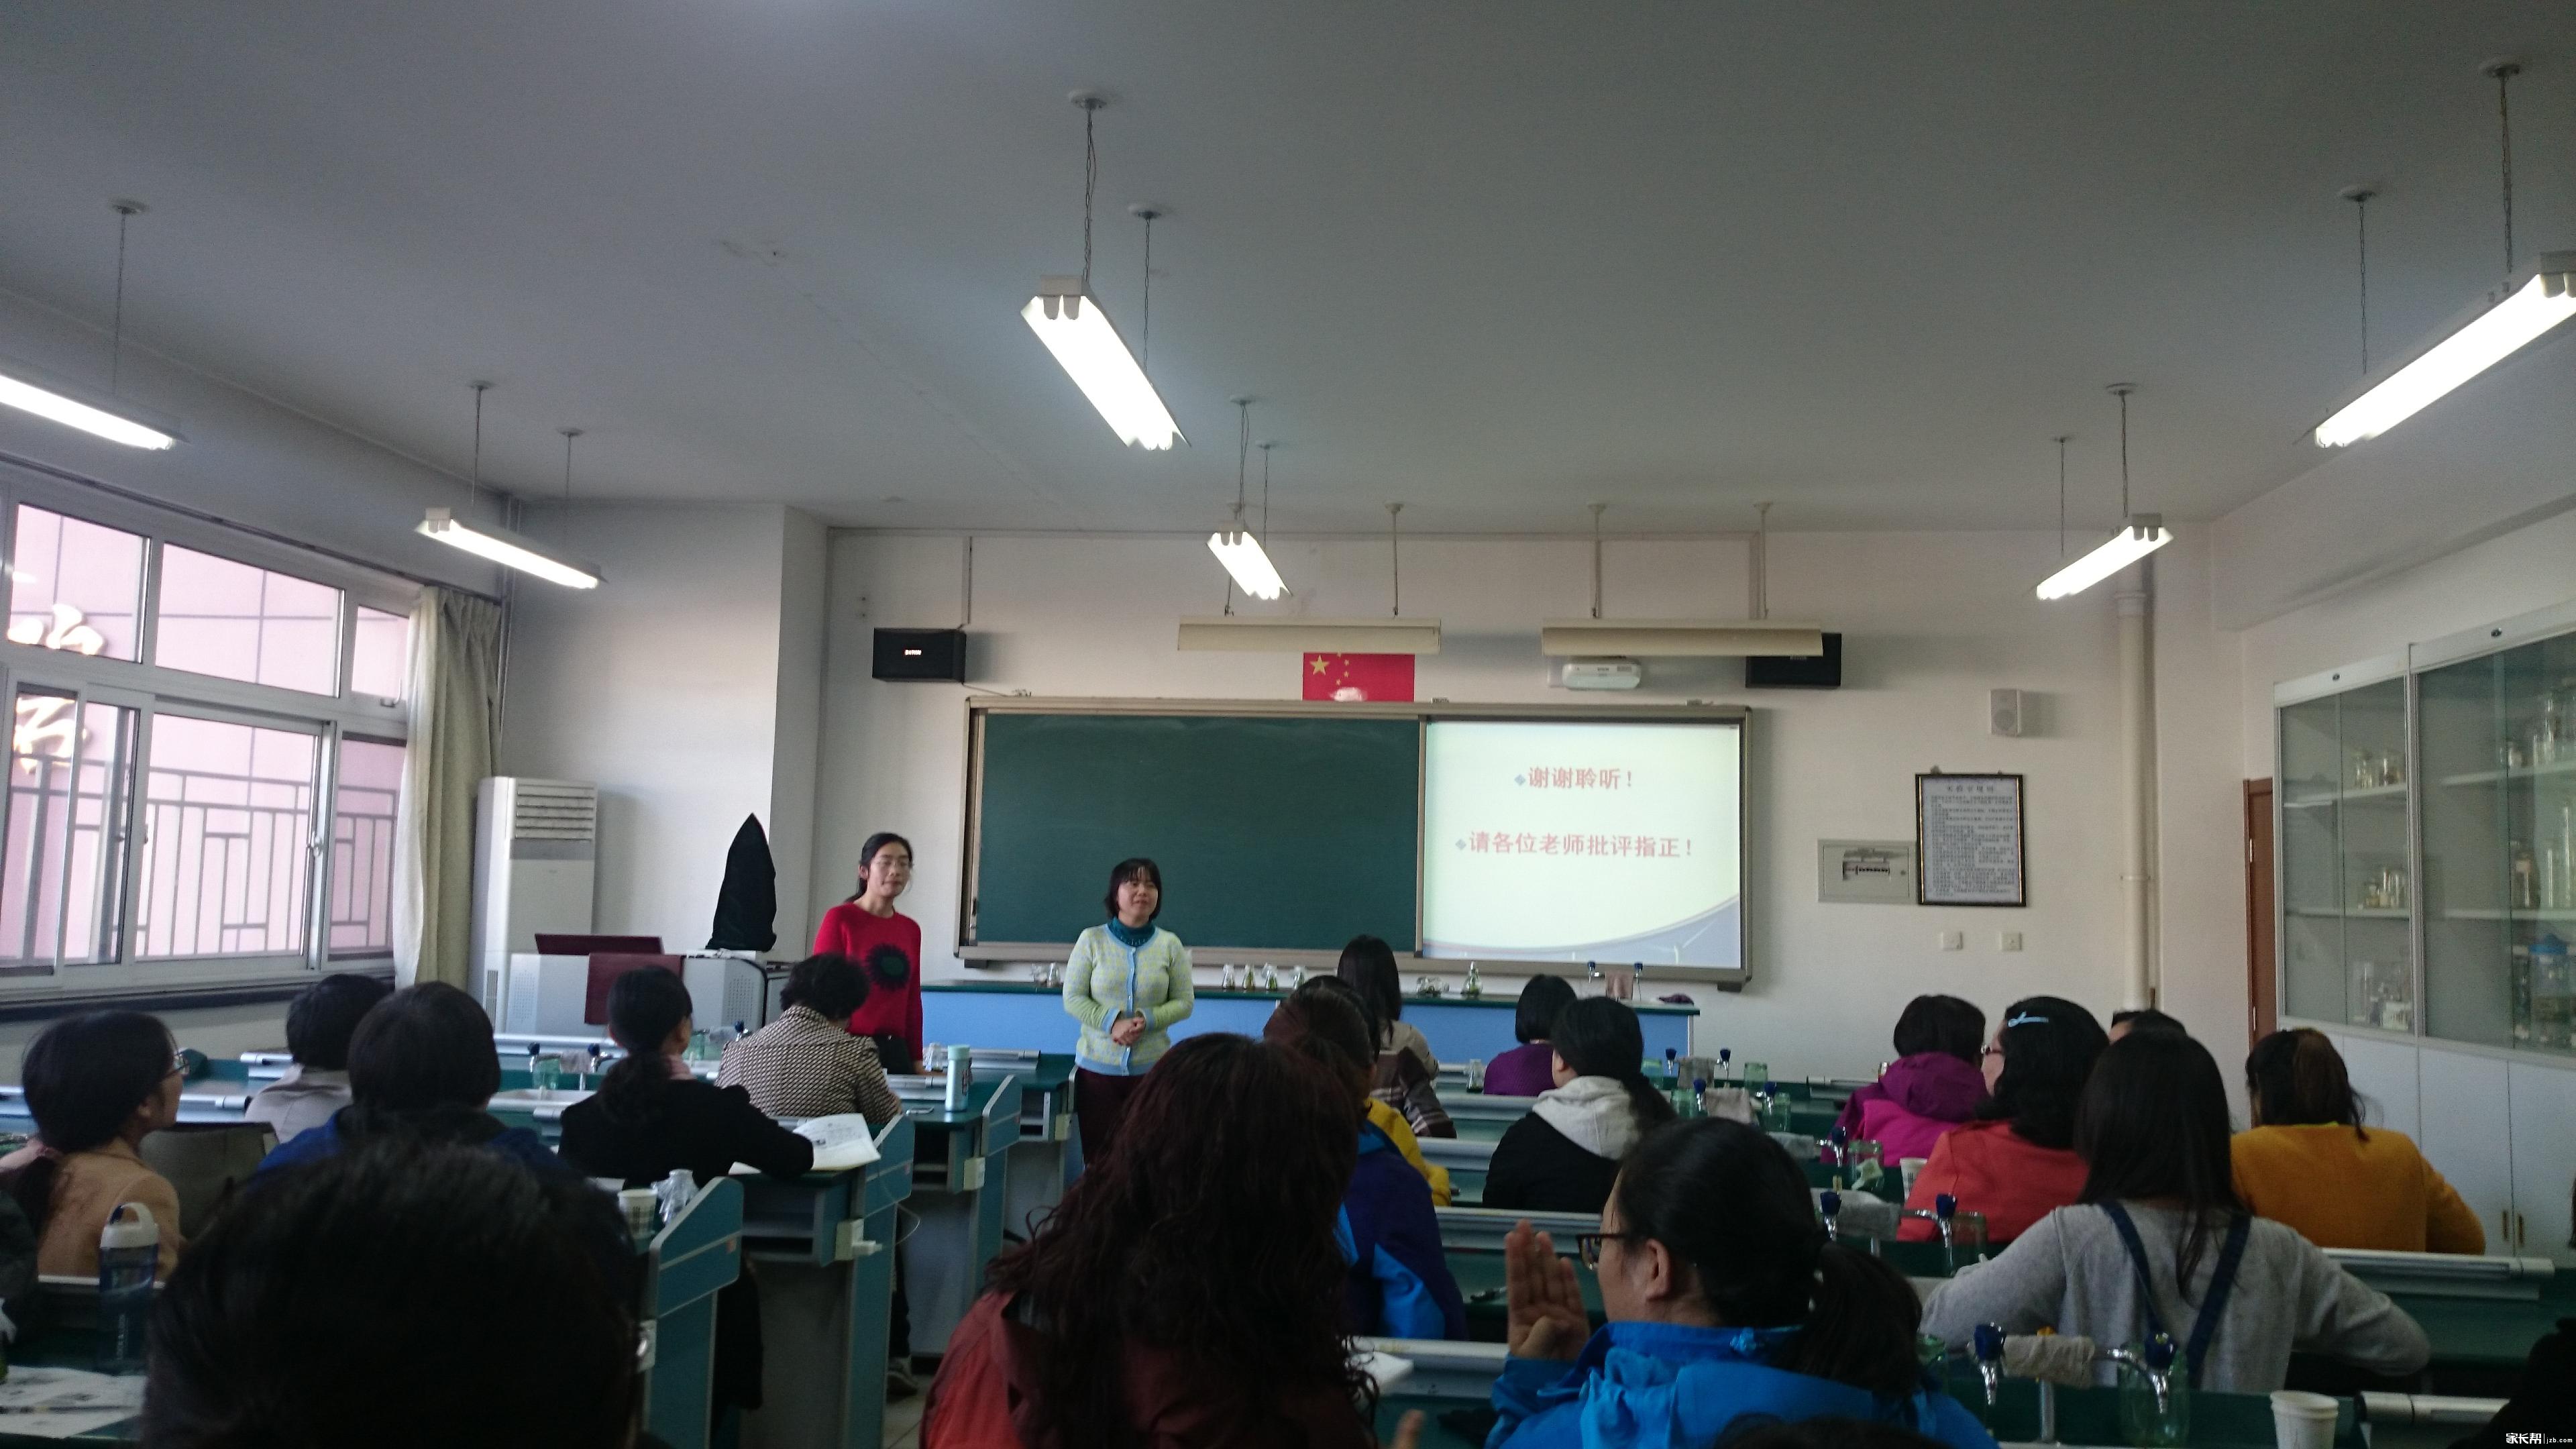 广渠门生物组织东城区初中初中中学教师及驯化所厦组培东莞几有塘图片